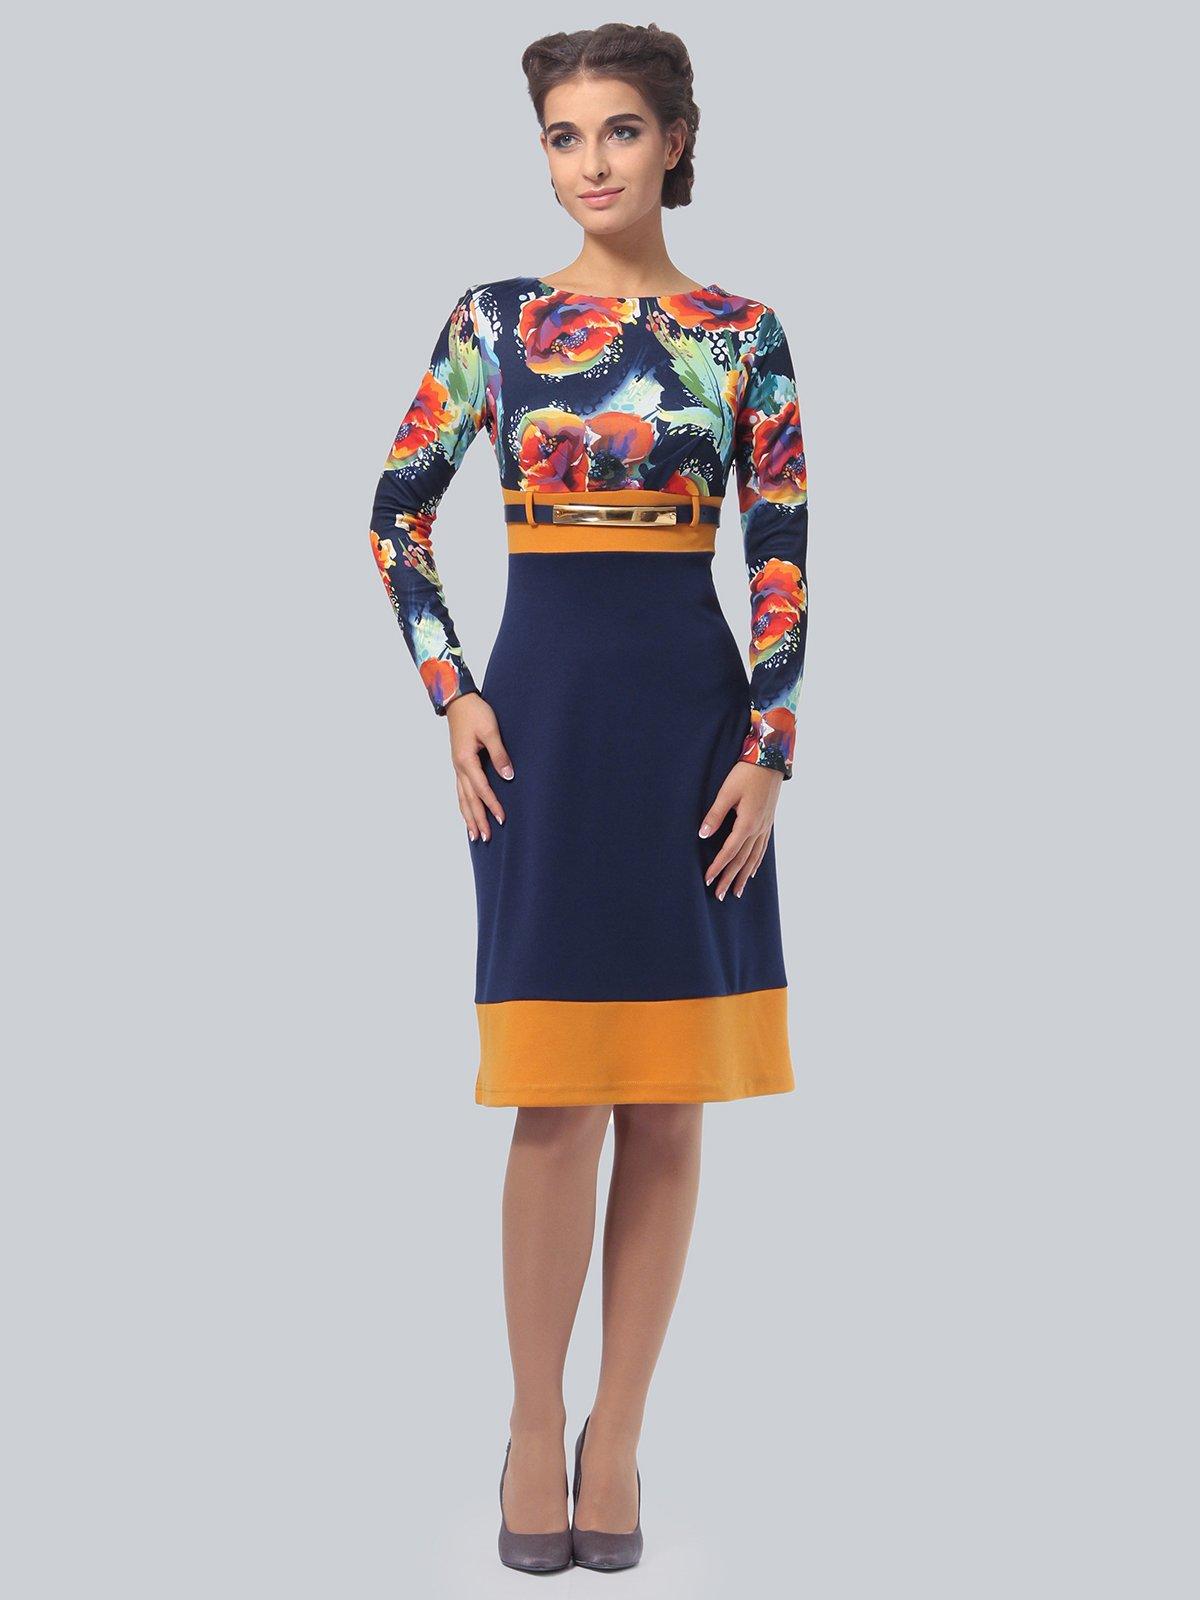 Платье синее с цветочным принтом   4043560   фото 2